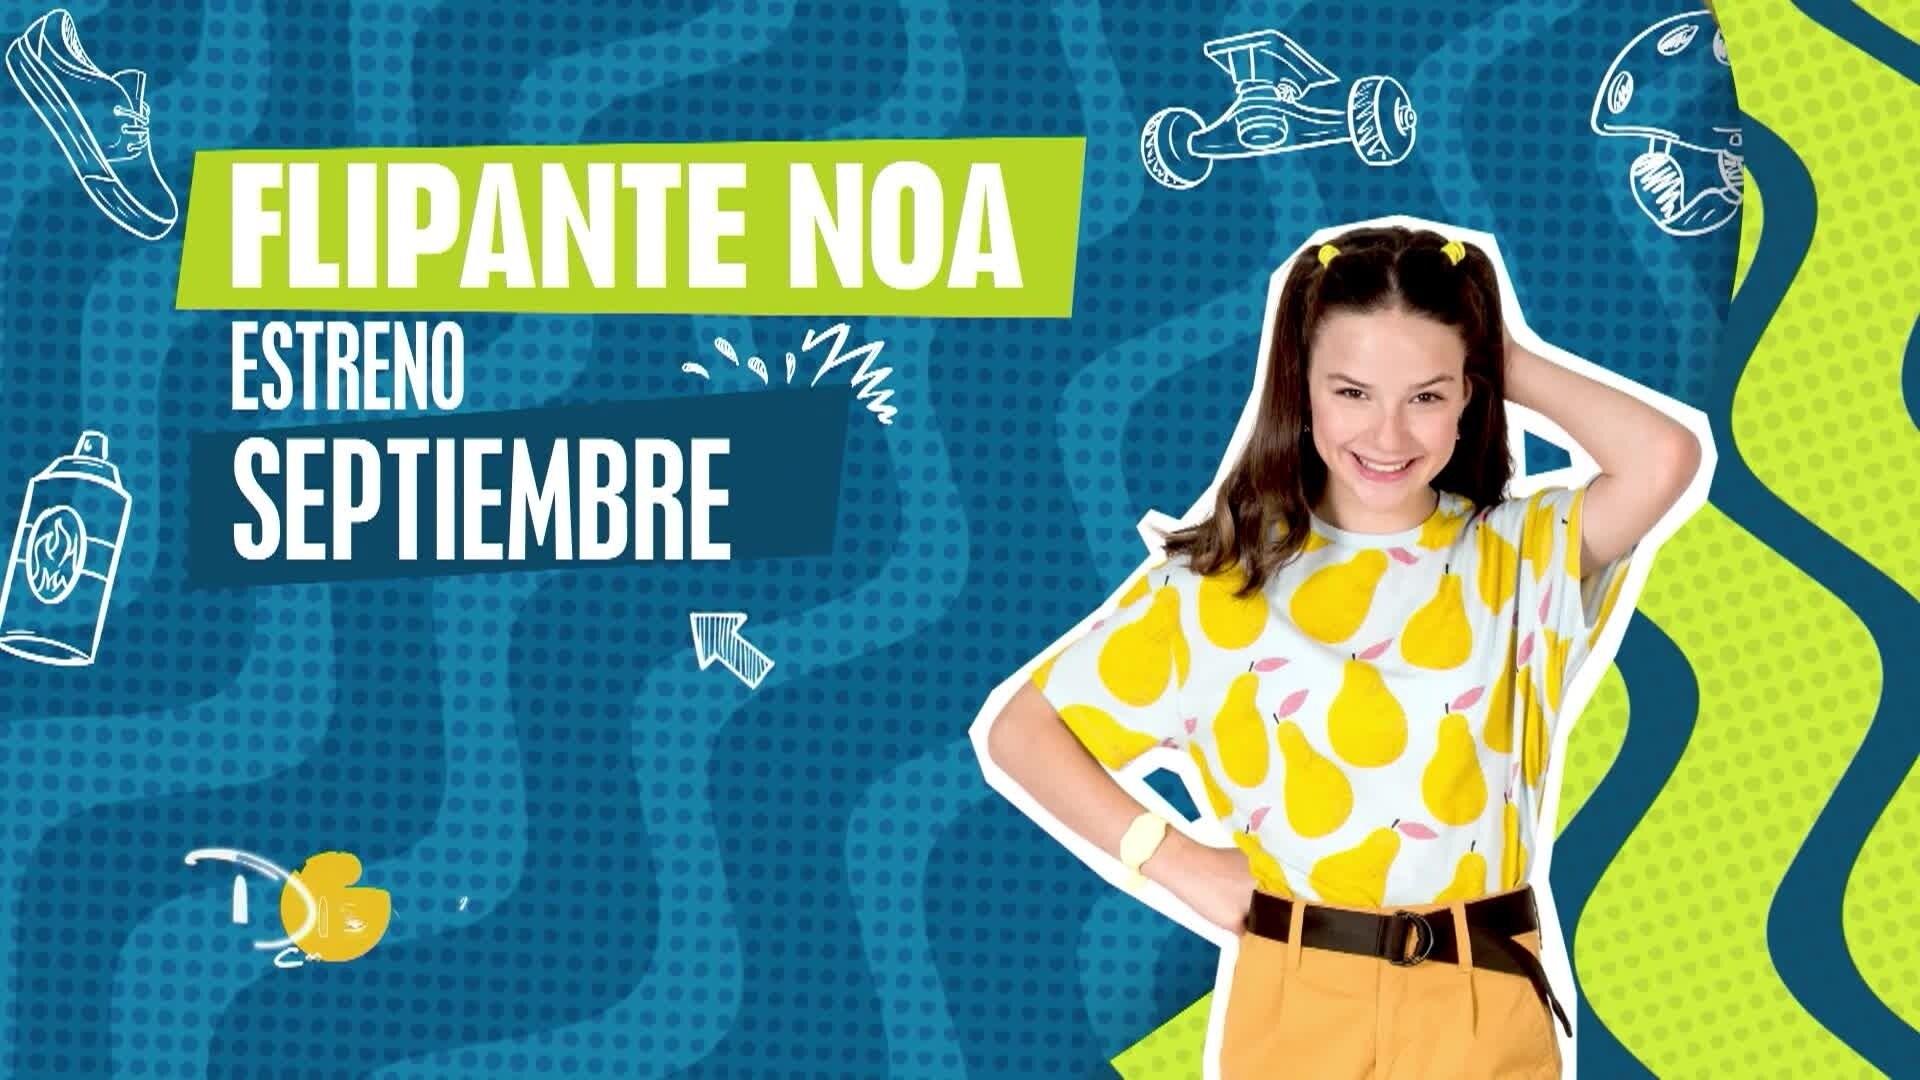 Flipante Noa, en septiembre en Disney Channel